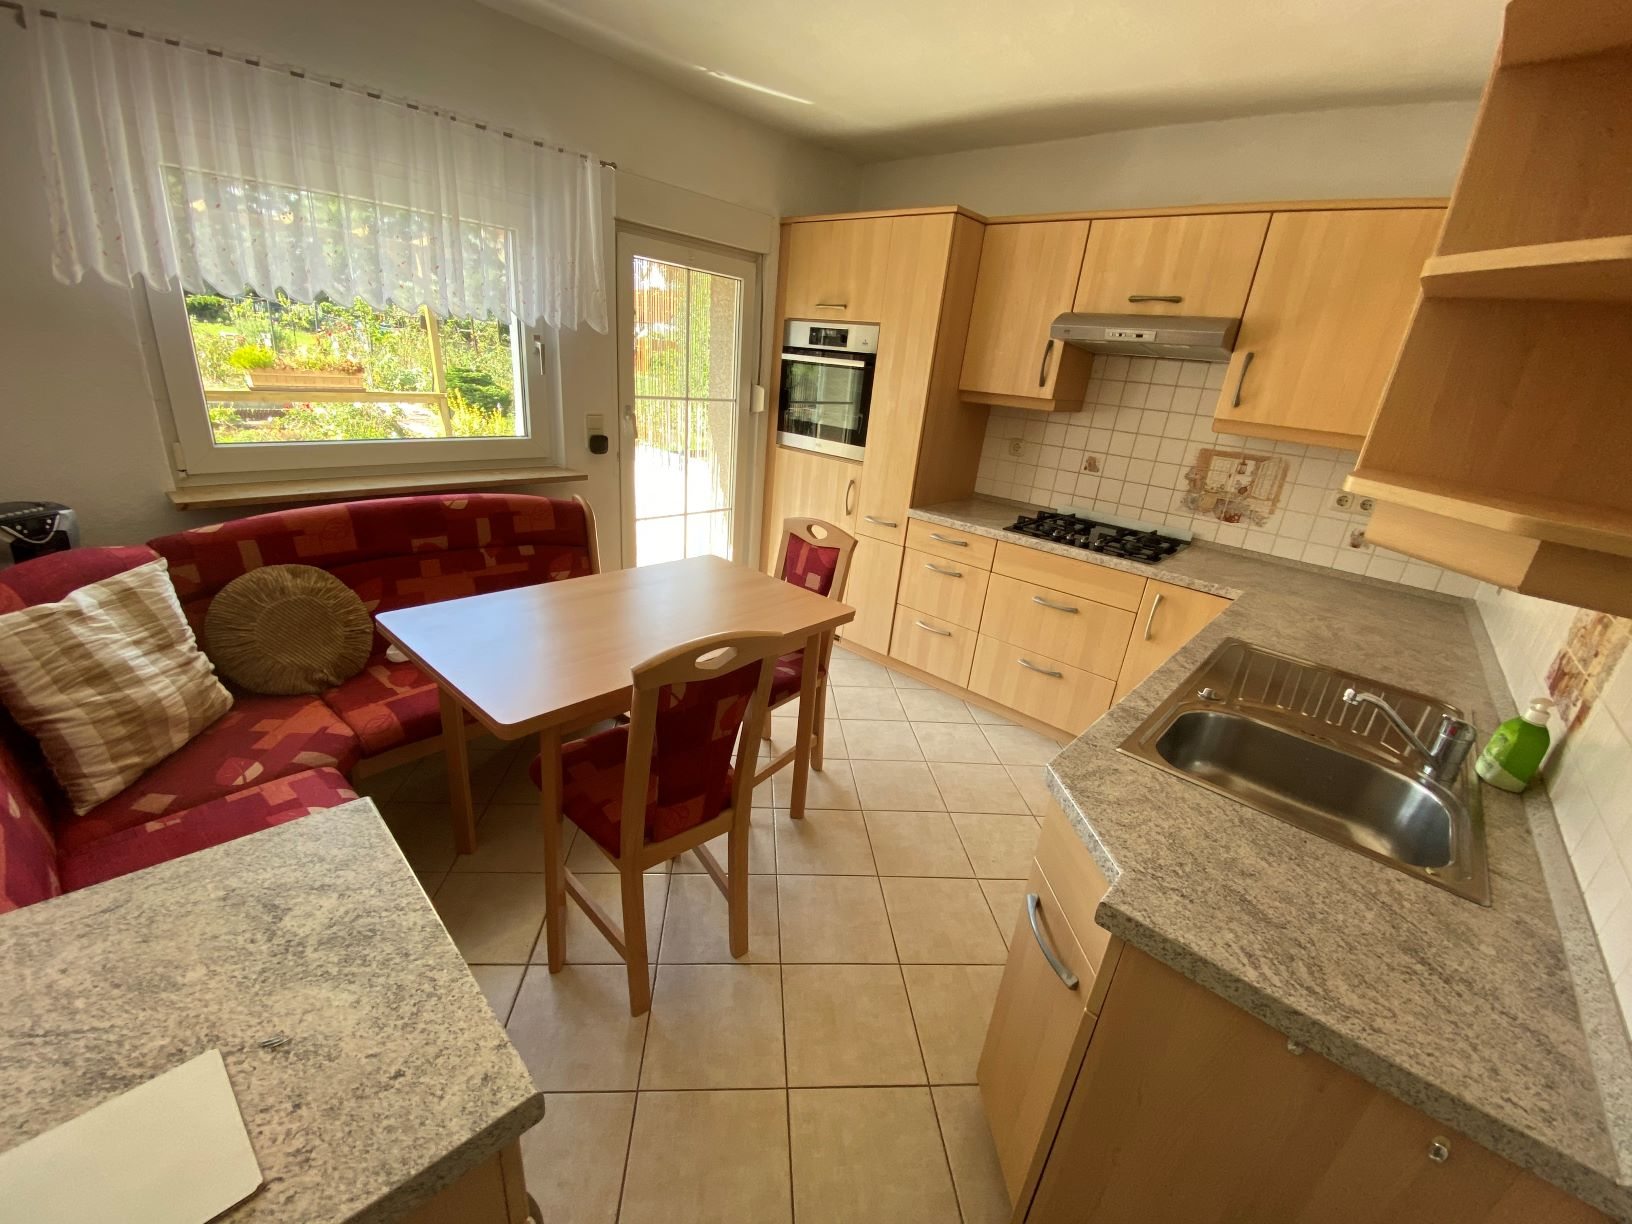 Einfamilienhaus Ellernstraße - Küche